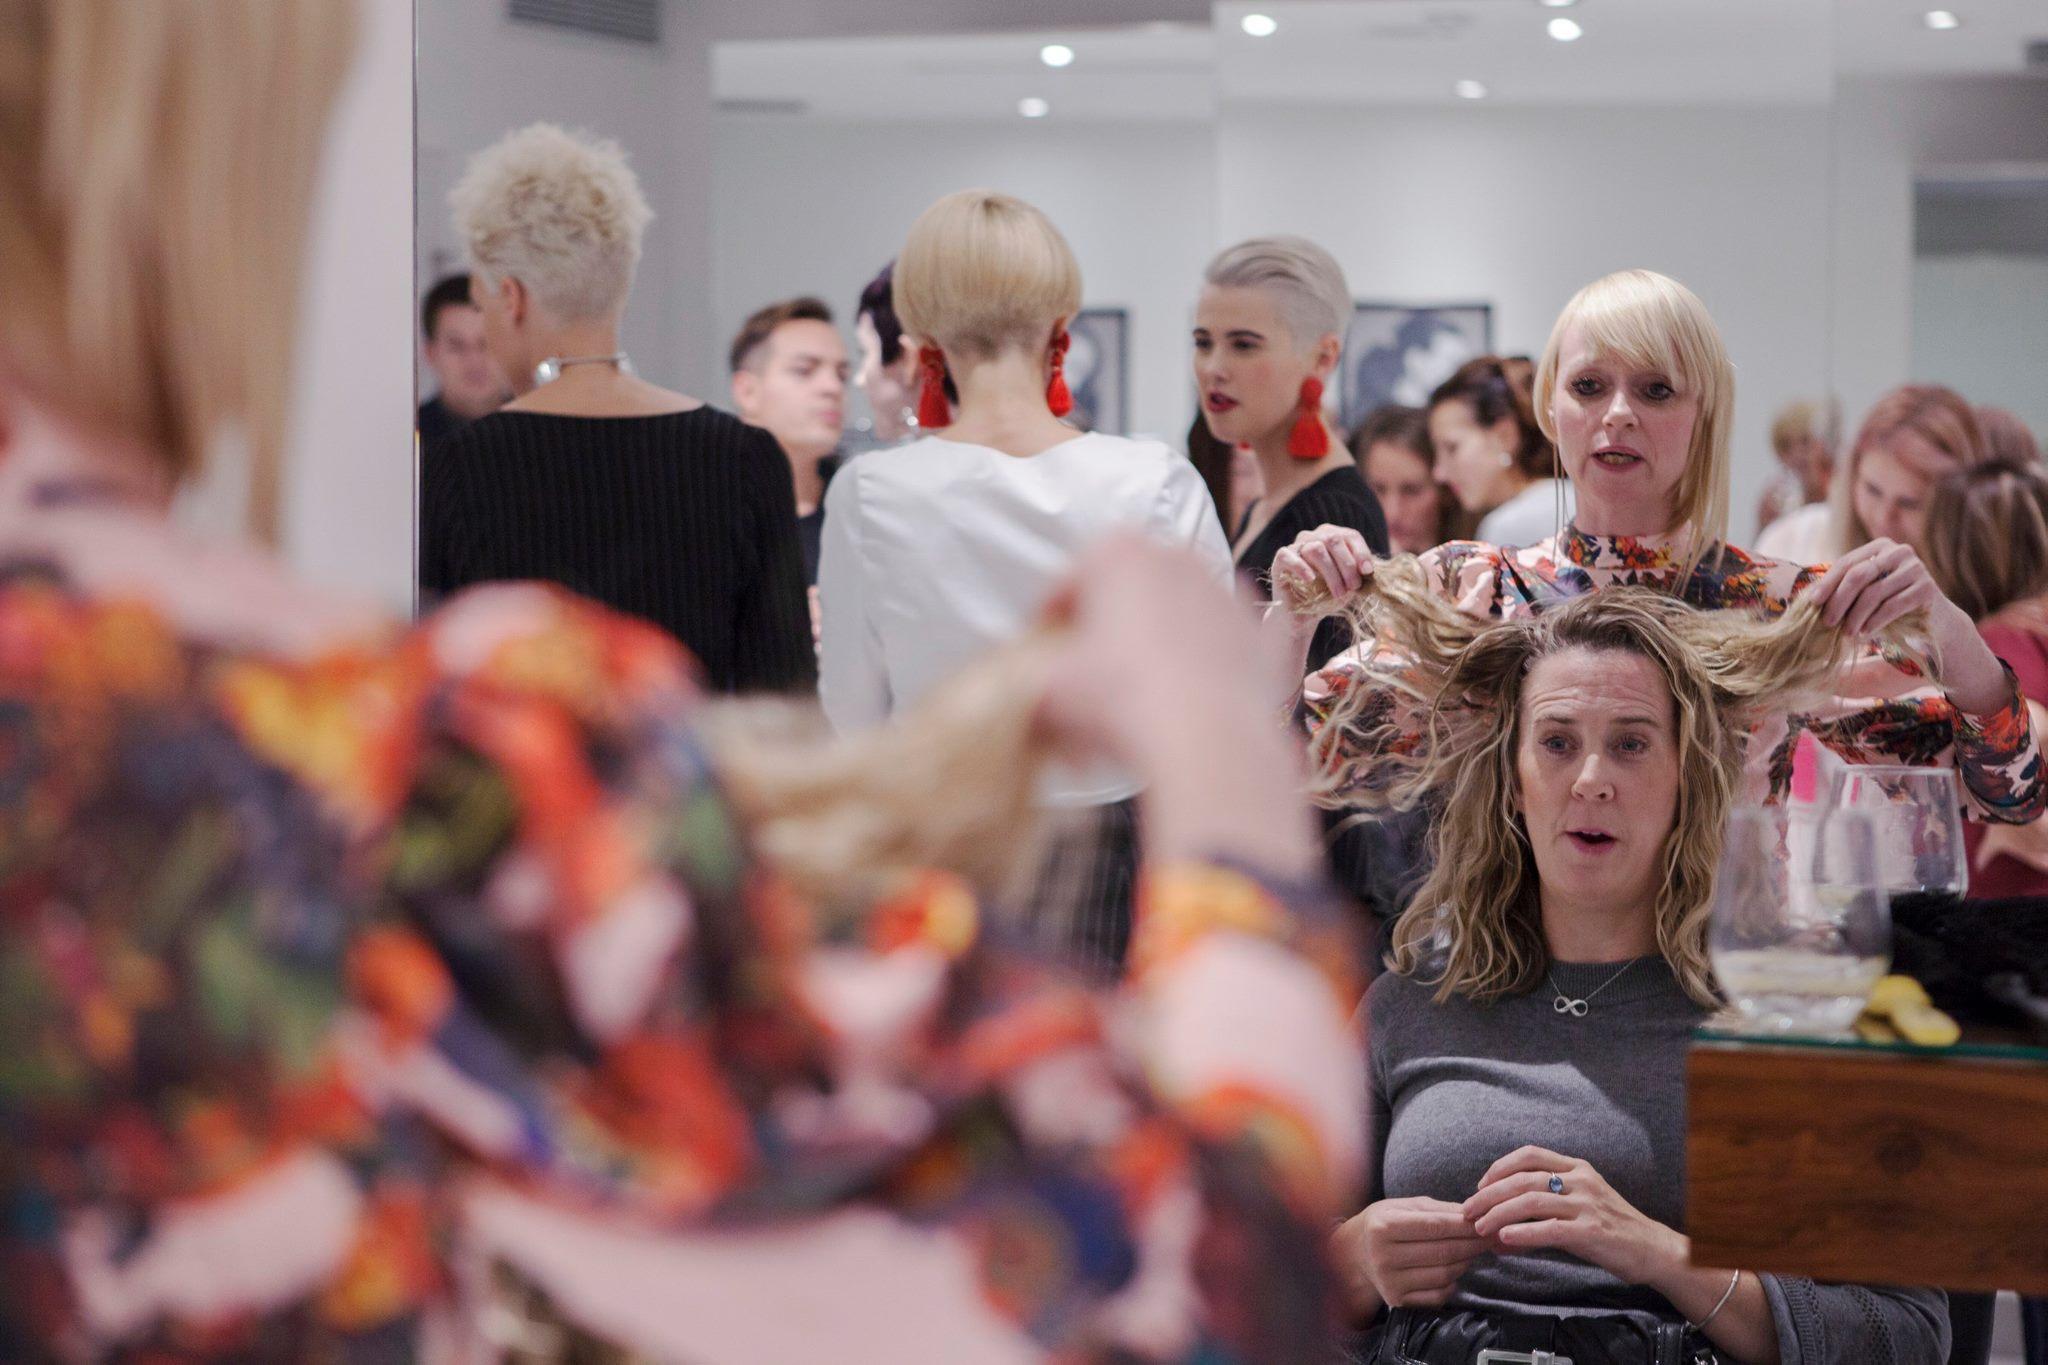 Photo: Sassoon Salon Toronto Facebook